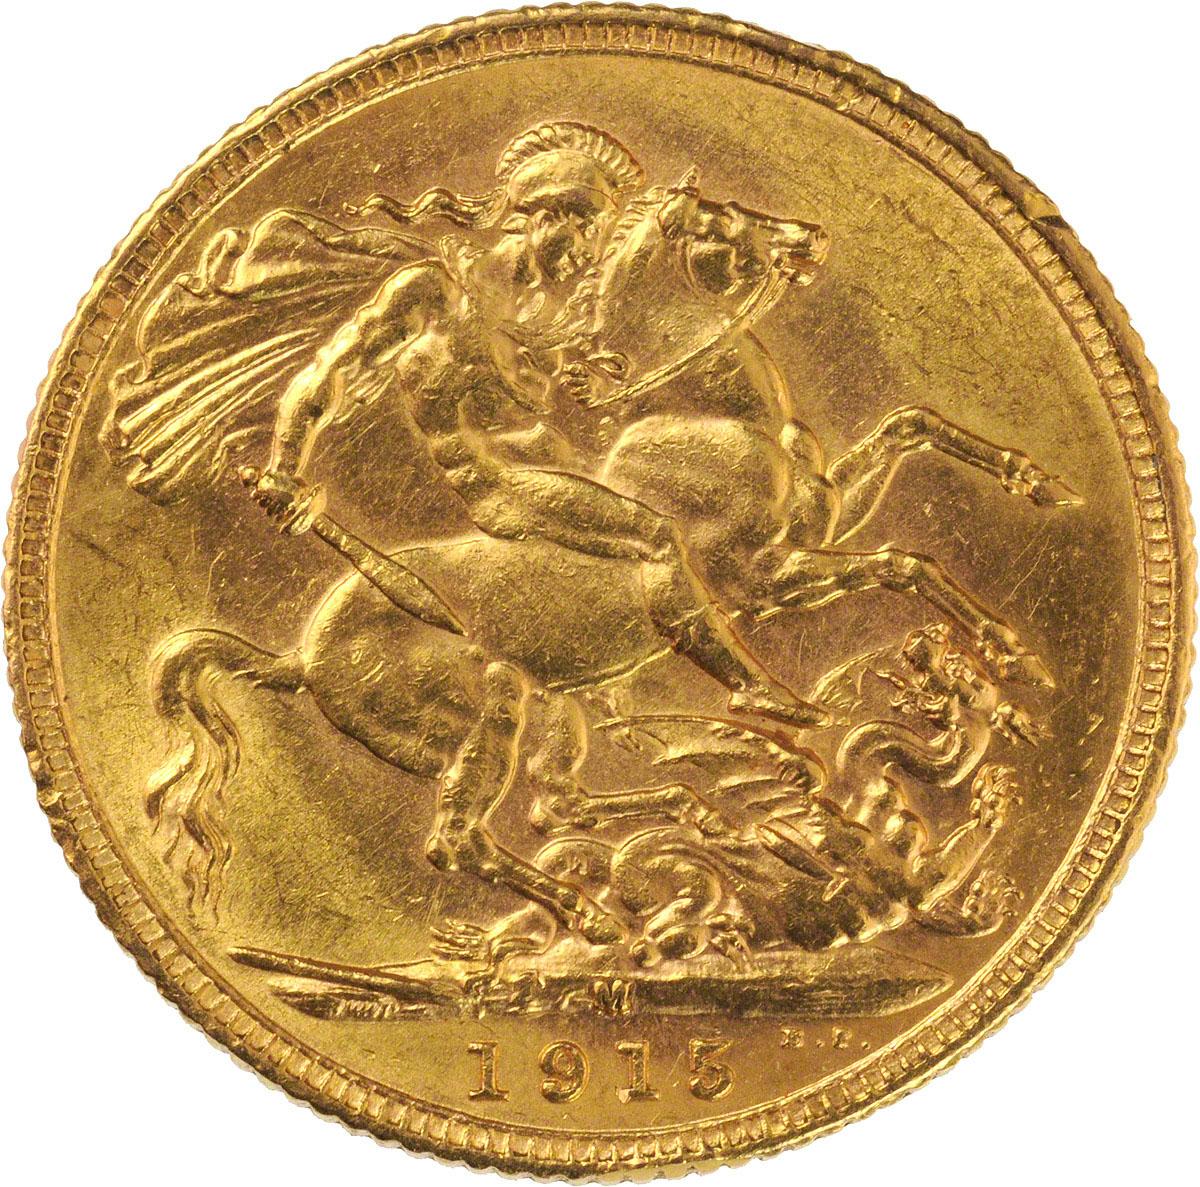 1915 Γεώργιος Ε' (Νομισματοκοπείο Μελβούρνης)